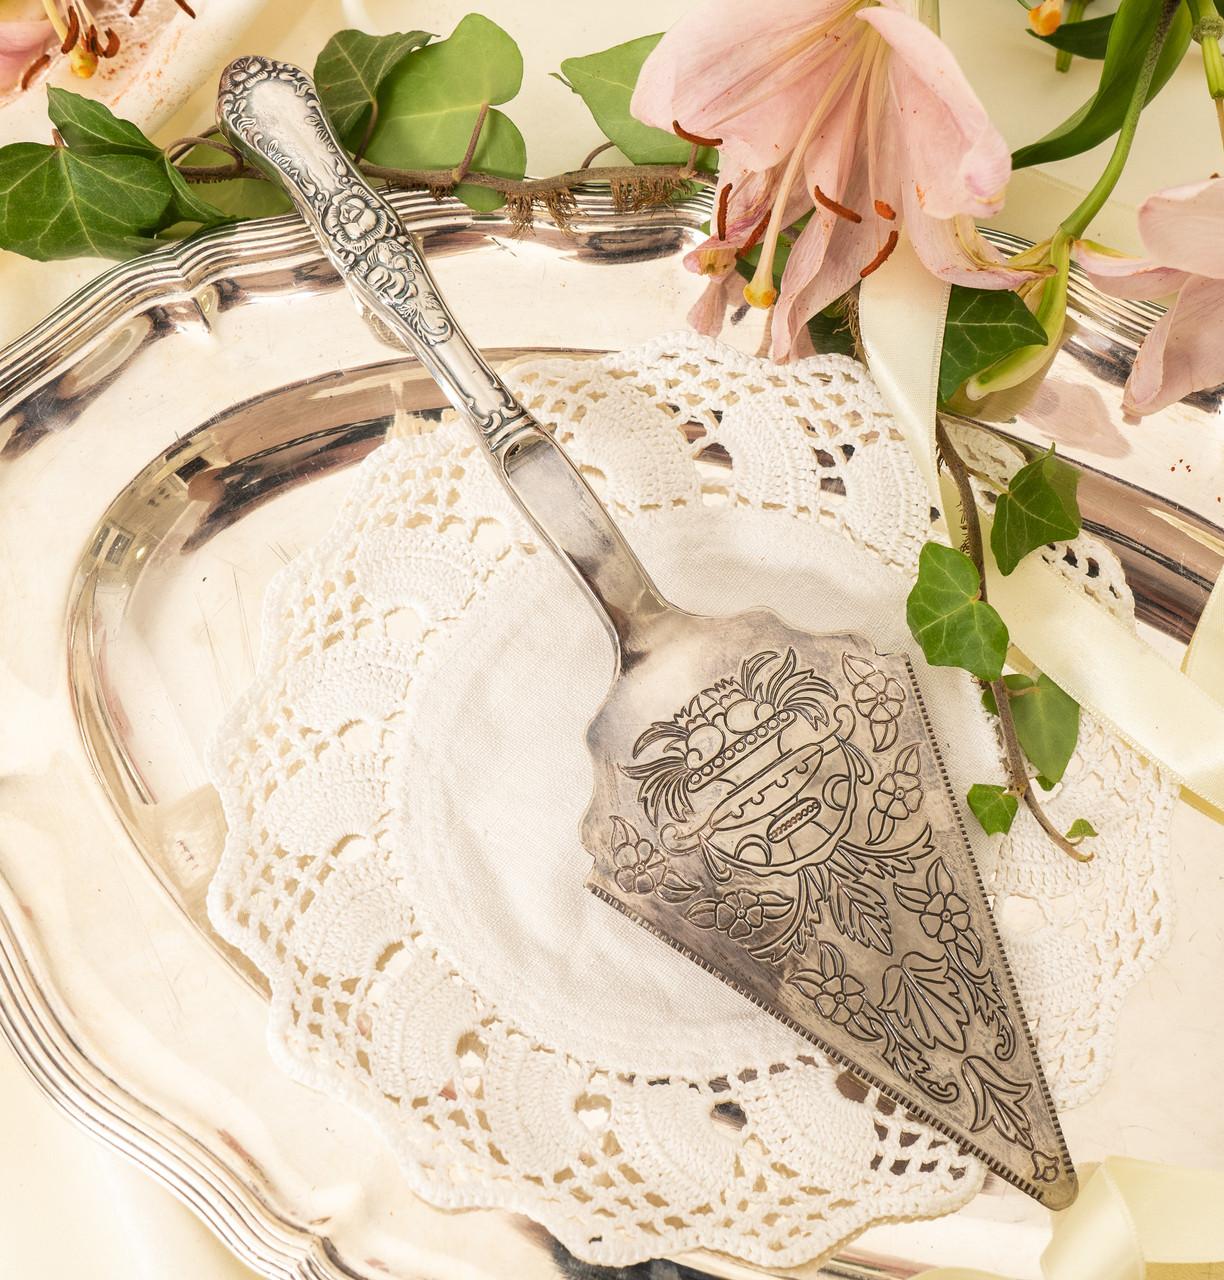 Красивая посеребренная лопатка для торта или десертов, для сервировки десертного стола, мельхиор, Англия